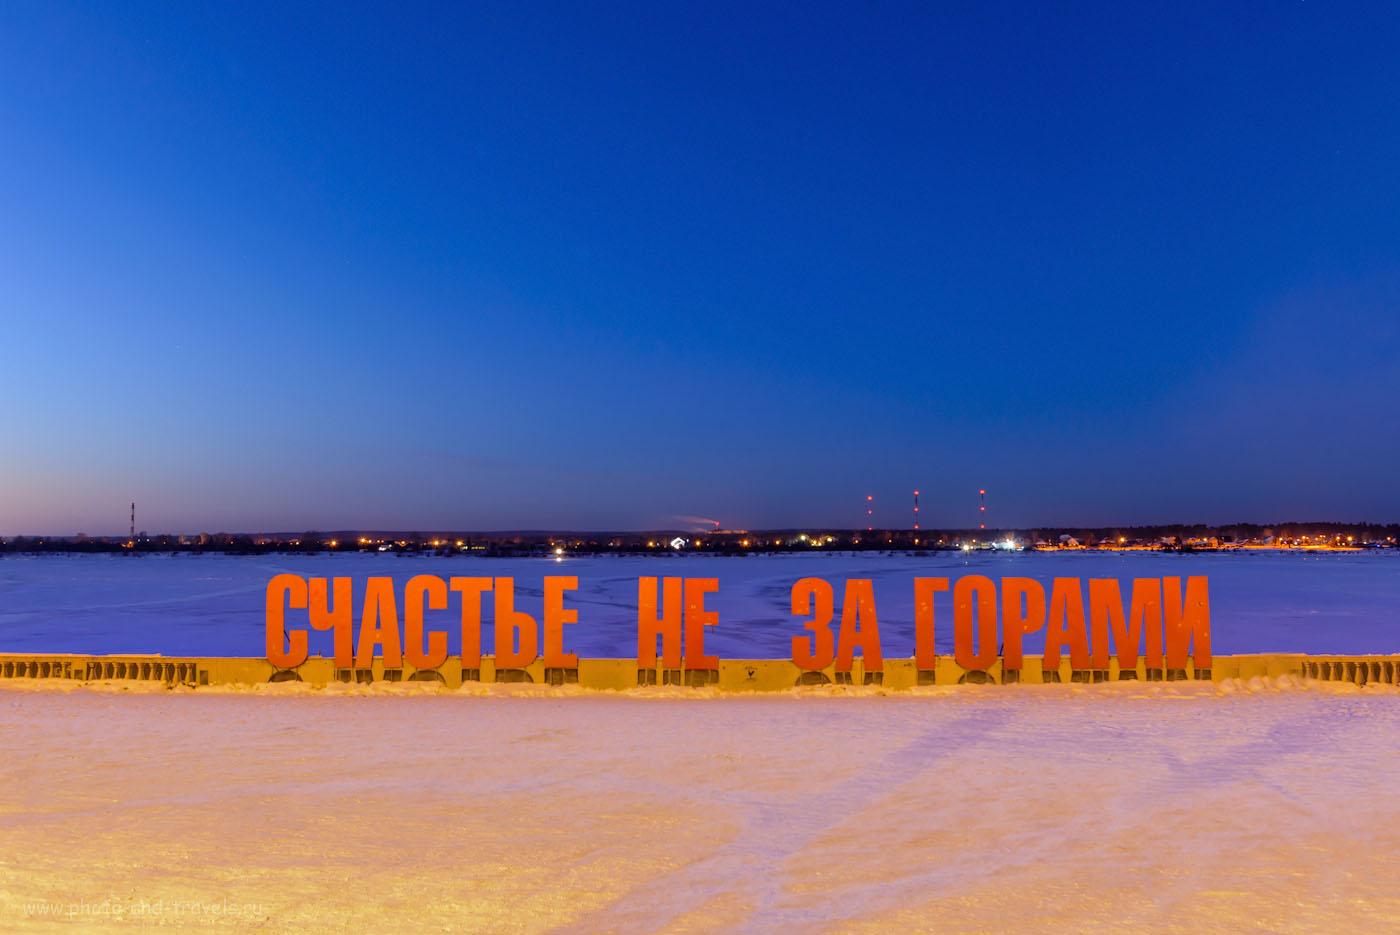 Фото 13. Счастье не за горами. Оно – в Перми. Отзыв о самостоятельной поездке по достопримечательностям Пермского края на автомобиле. 15 секунд, 8.0, 320, 32.